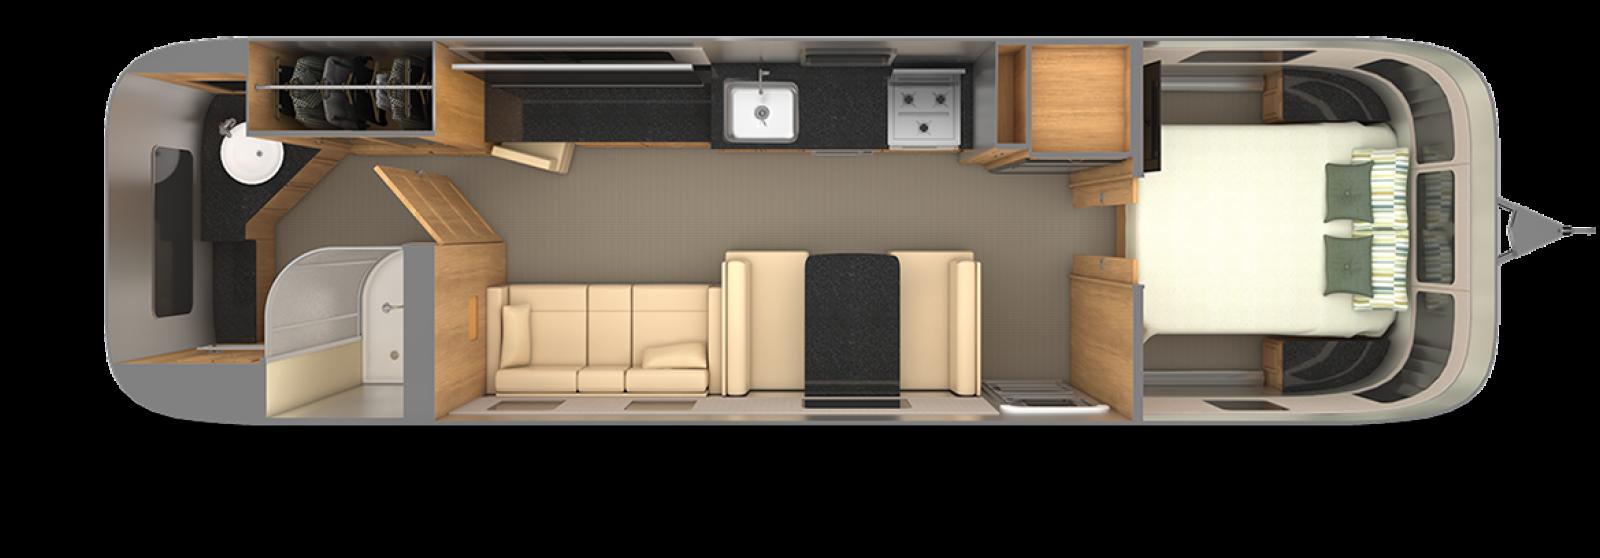 Airstream-Classic-33FB-Cognac-Maple-with-Macadamia-Floor-Plan